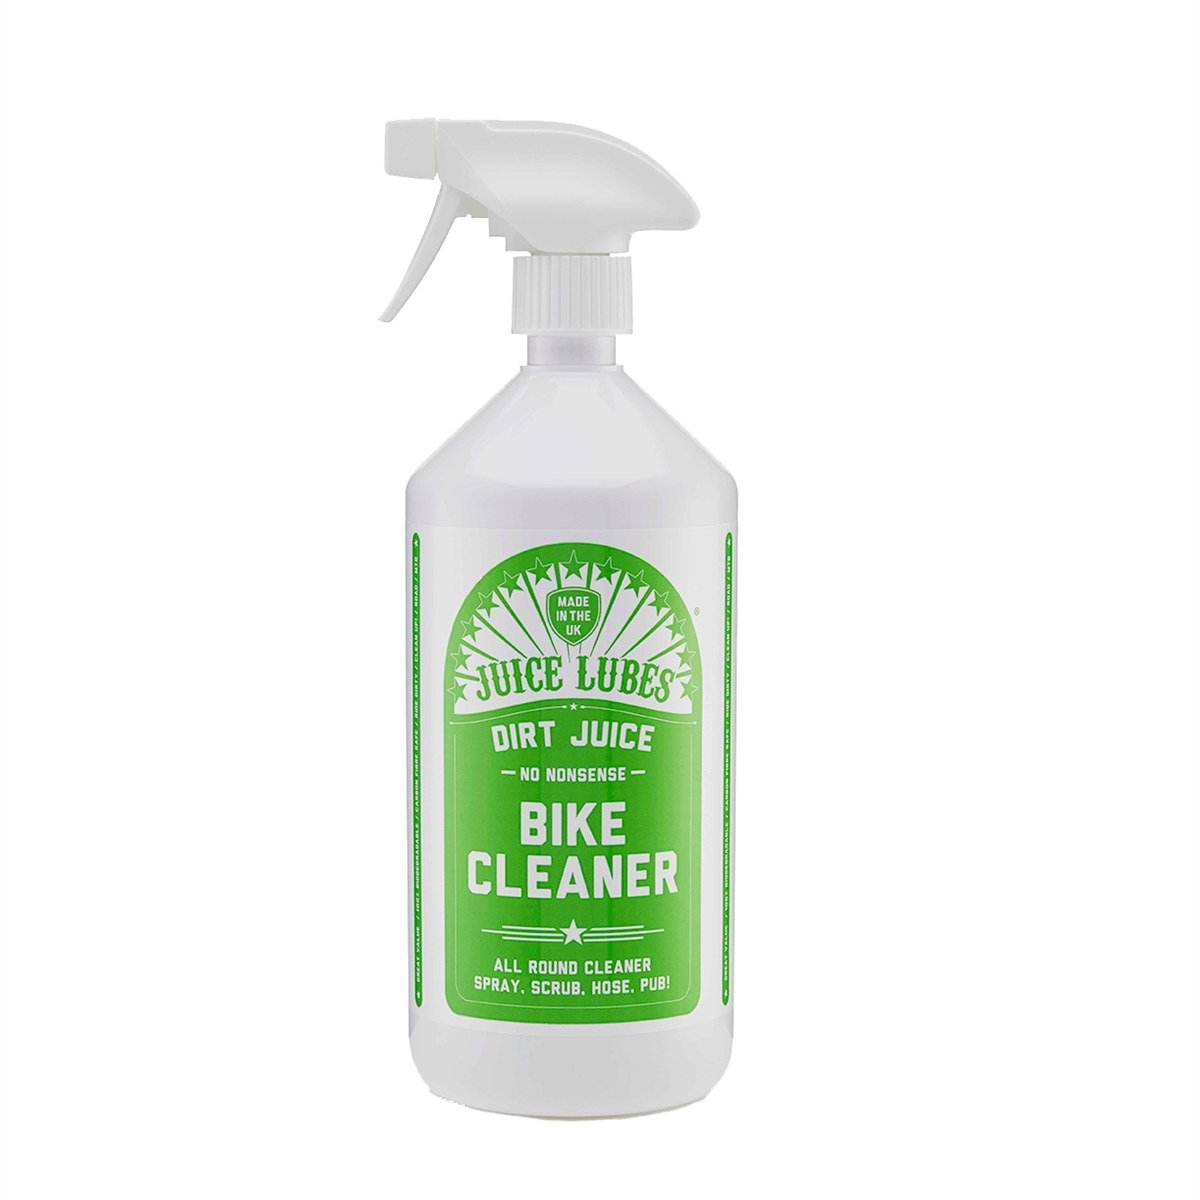 Detergent bike cleaner 1lt